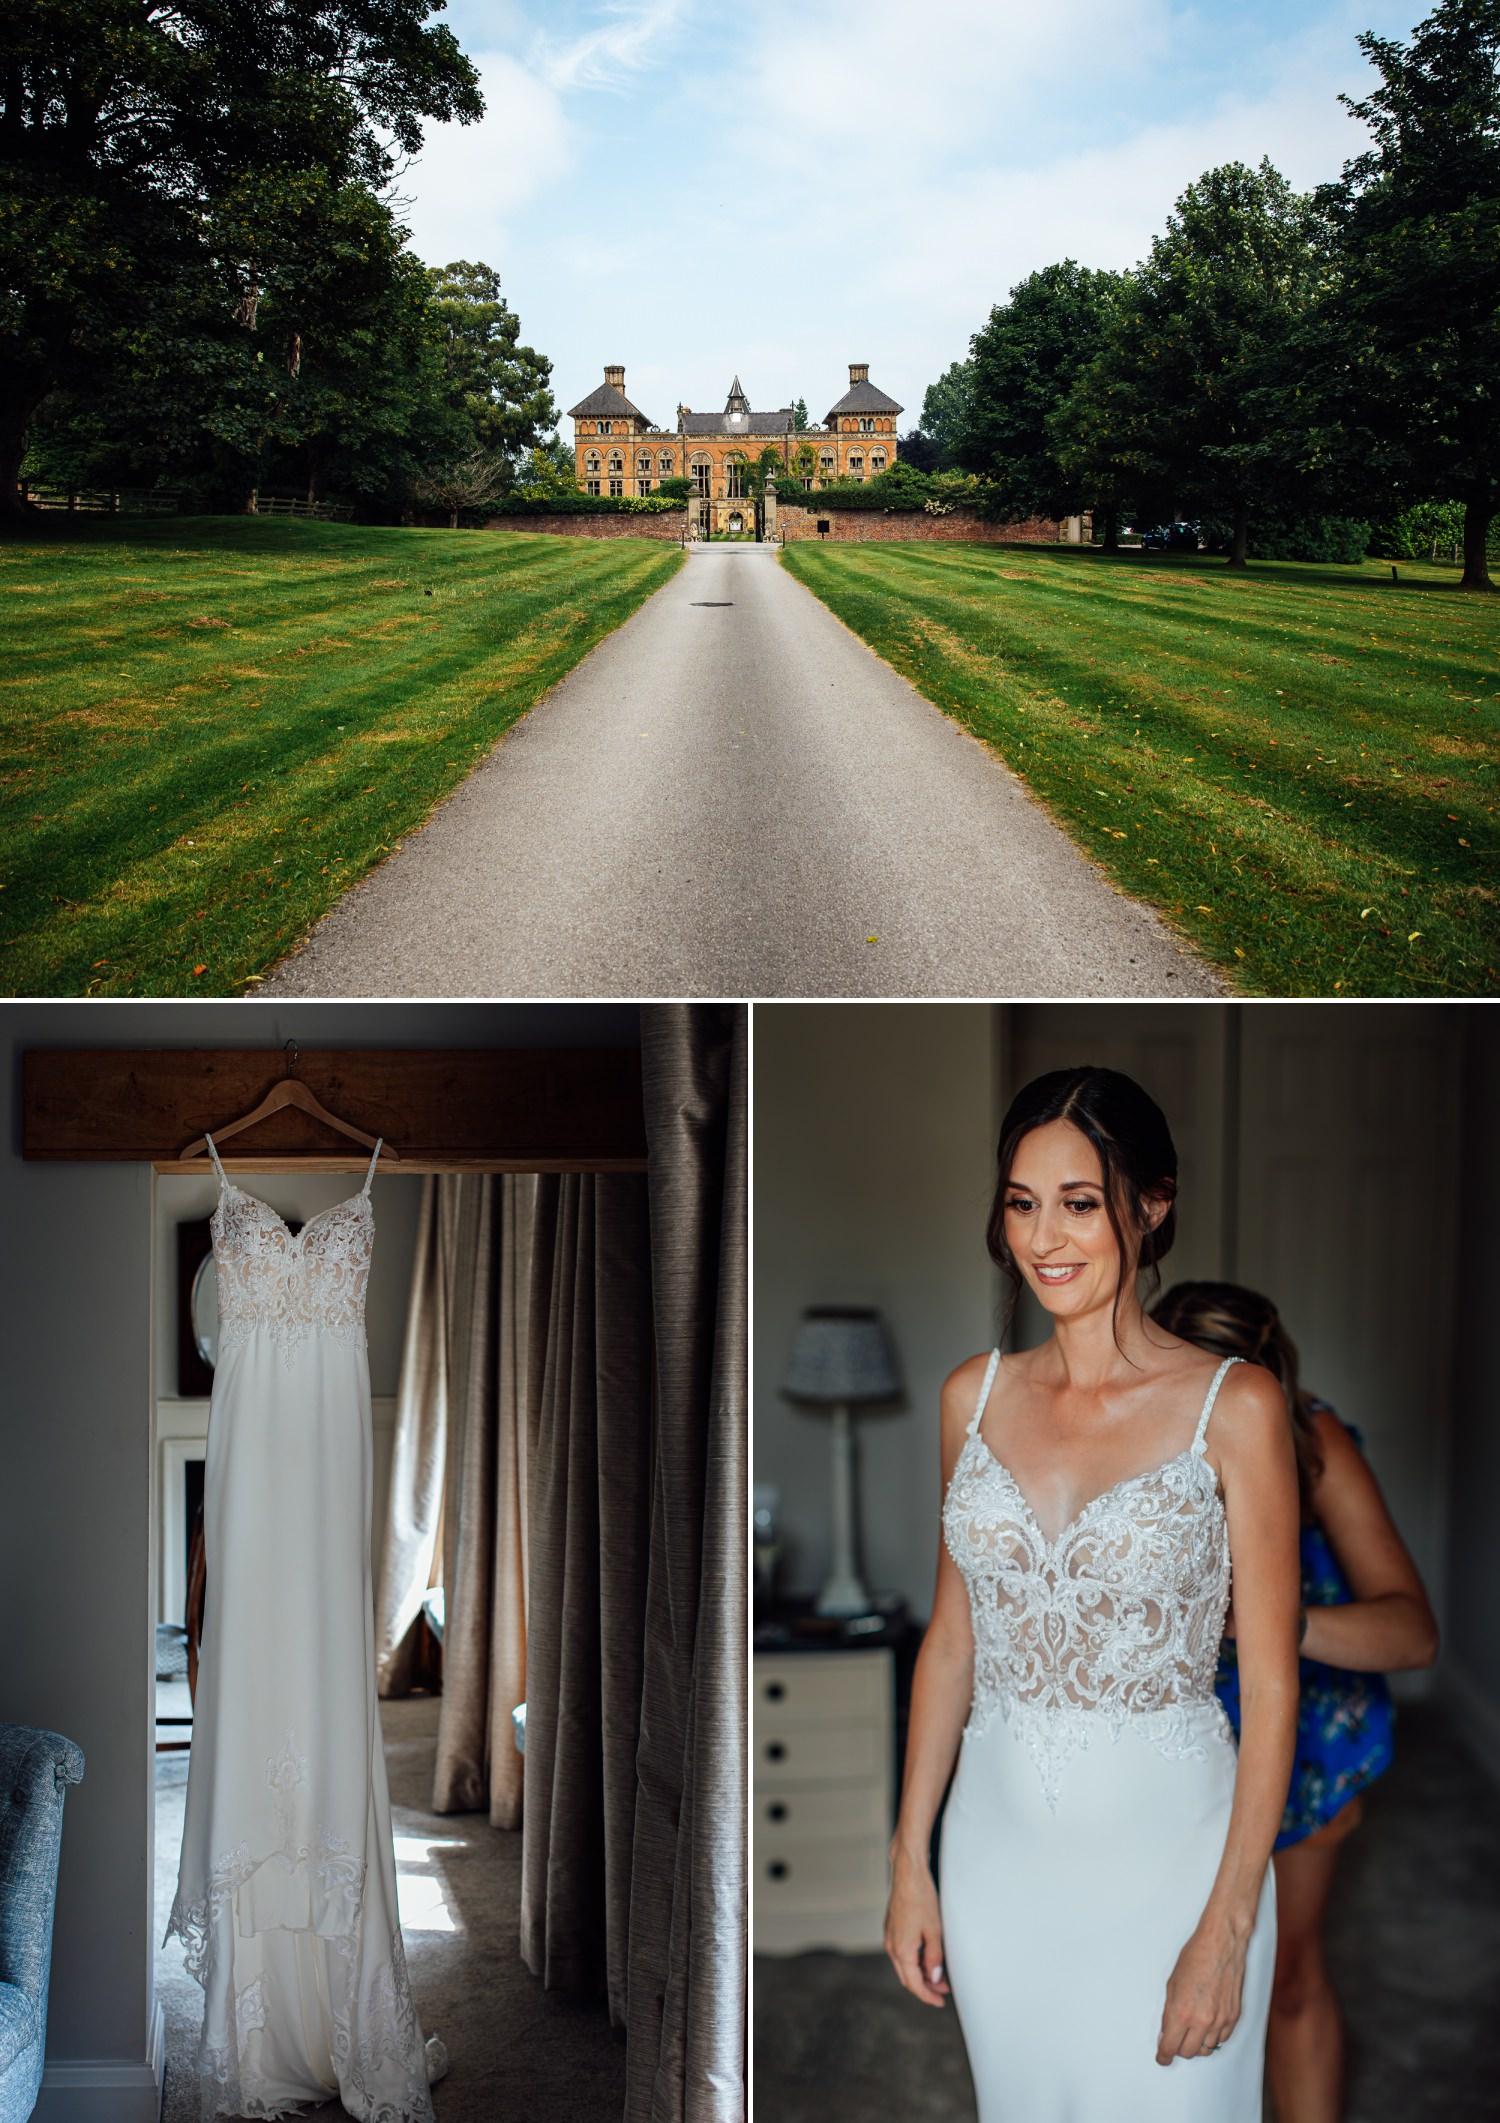 Soughton Hall wedding venue